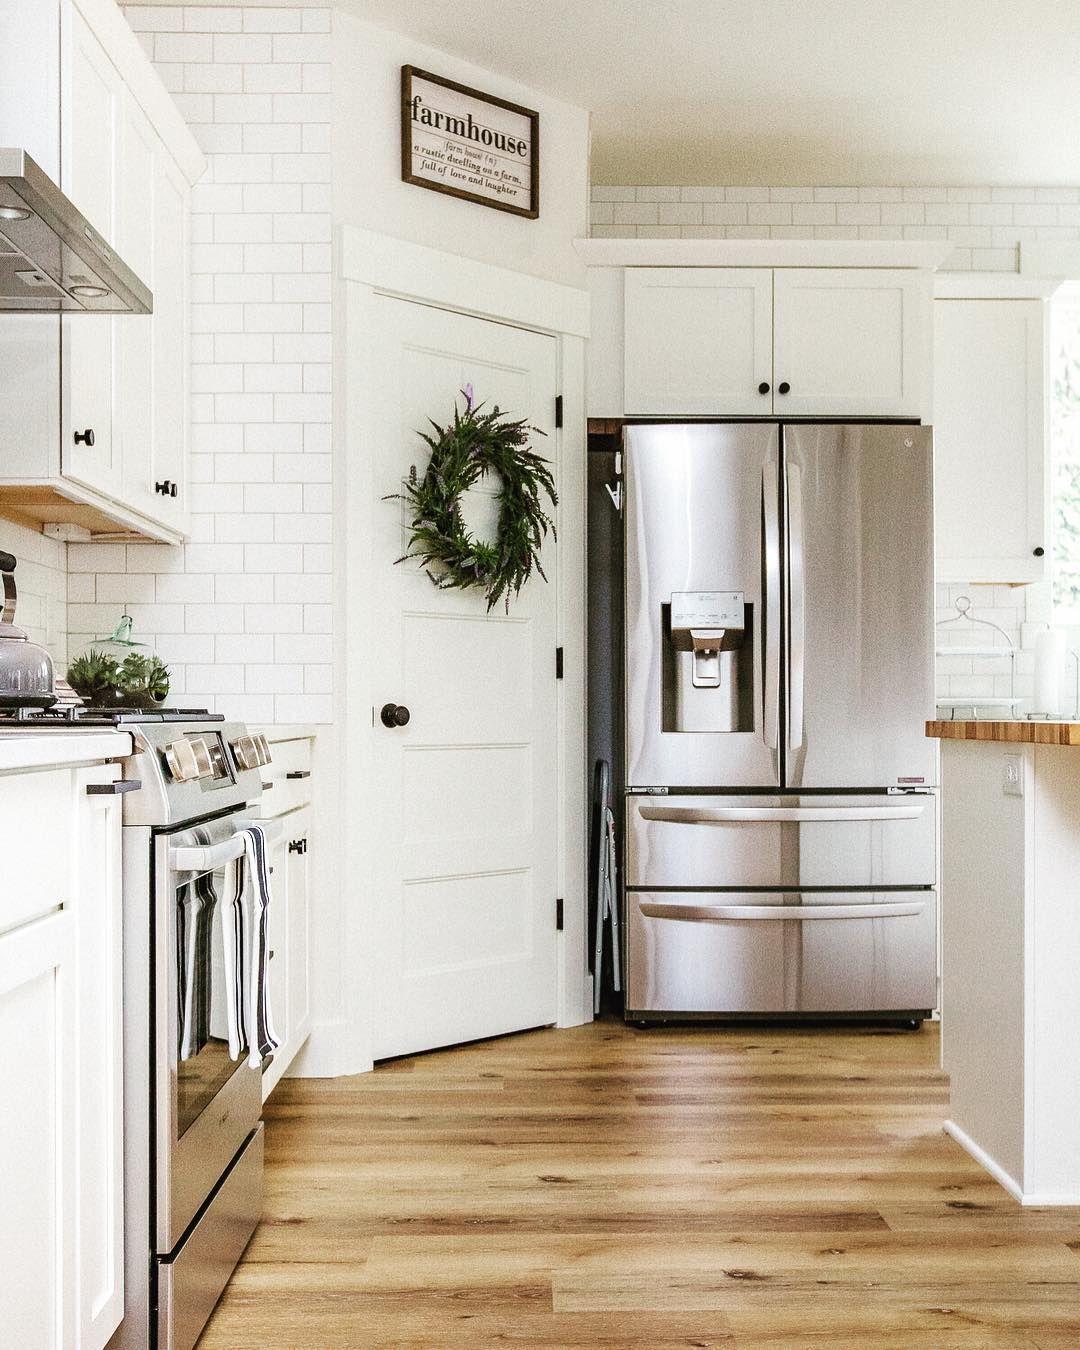 Modern Farmhouse Kitchen with white and white